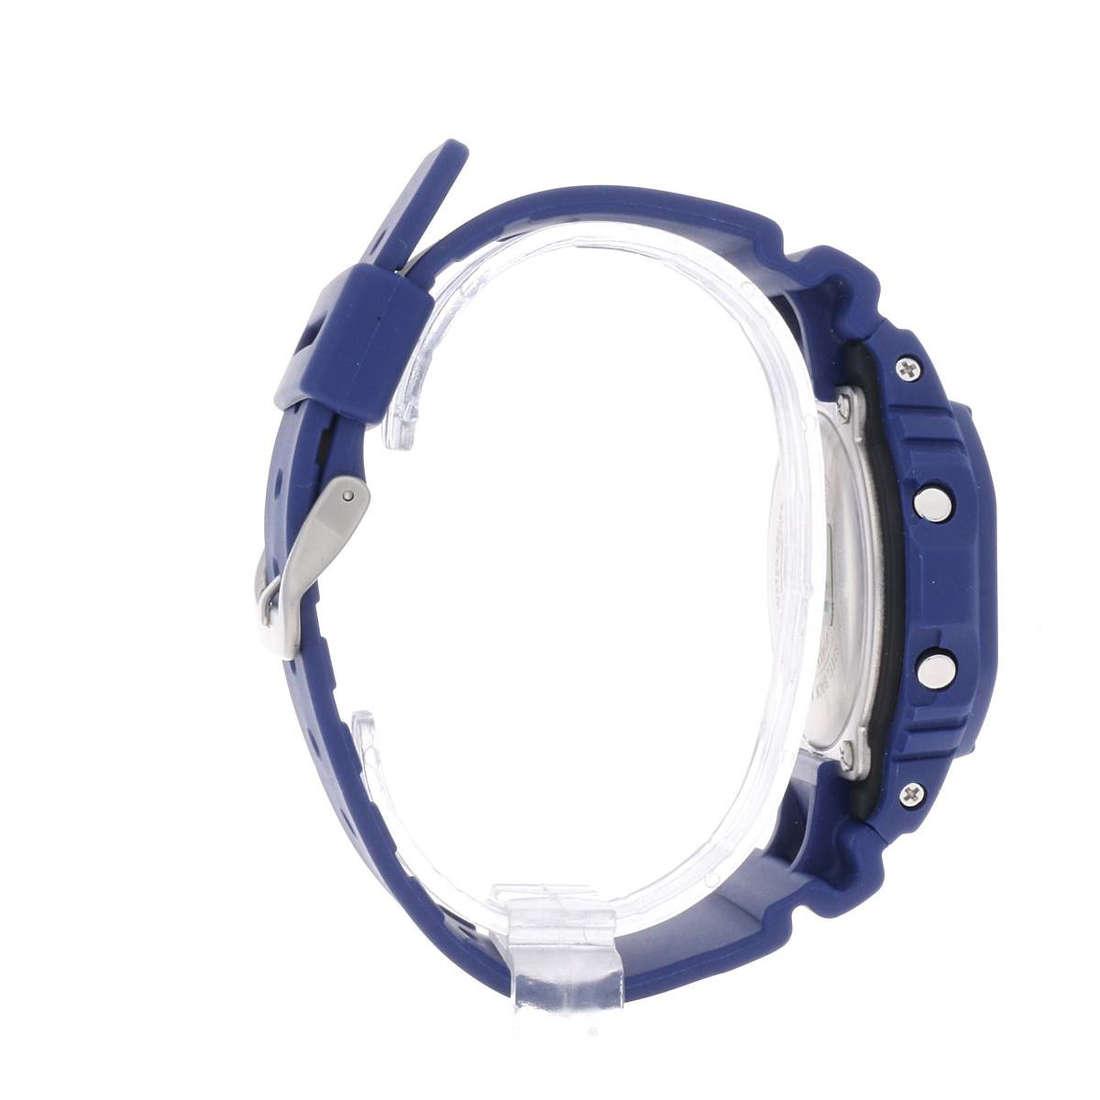 acquista orologi uomo Casio DW-5600M-2ER